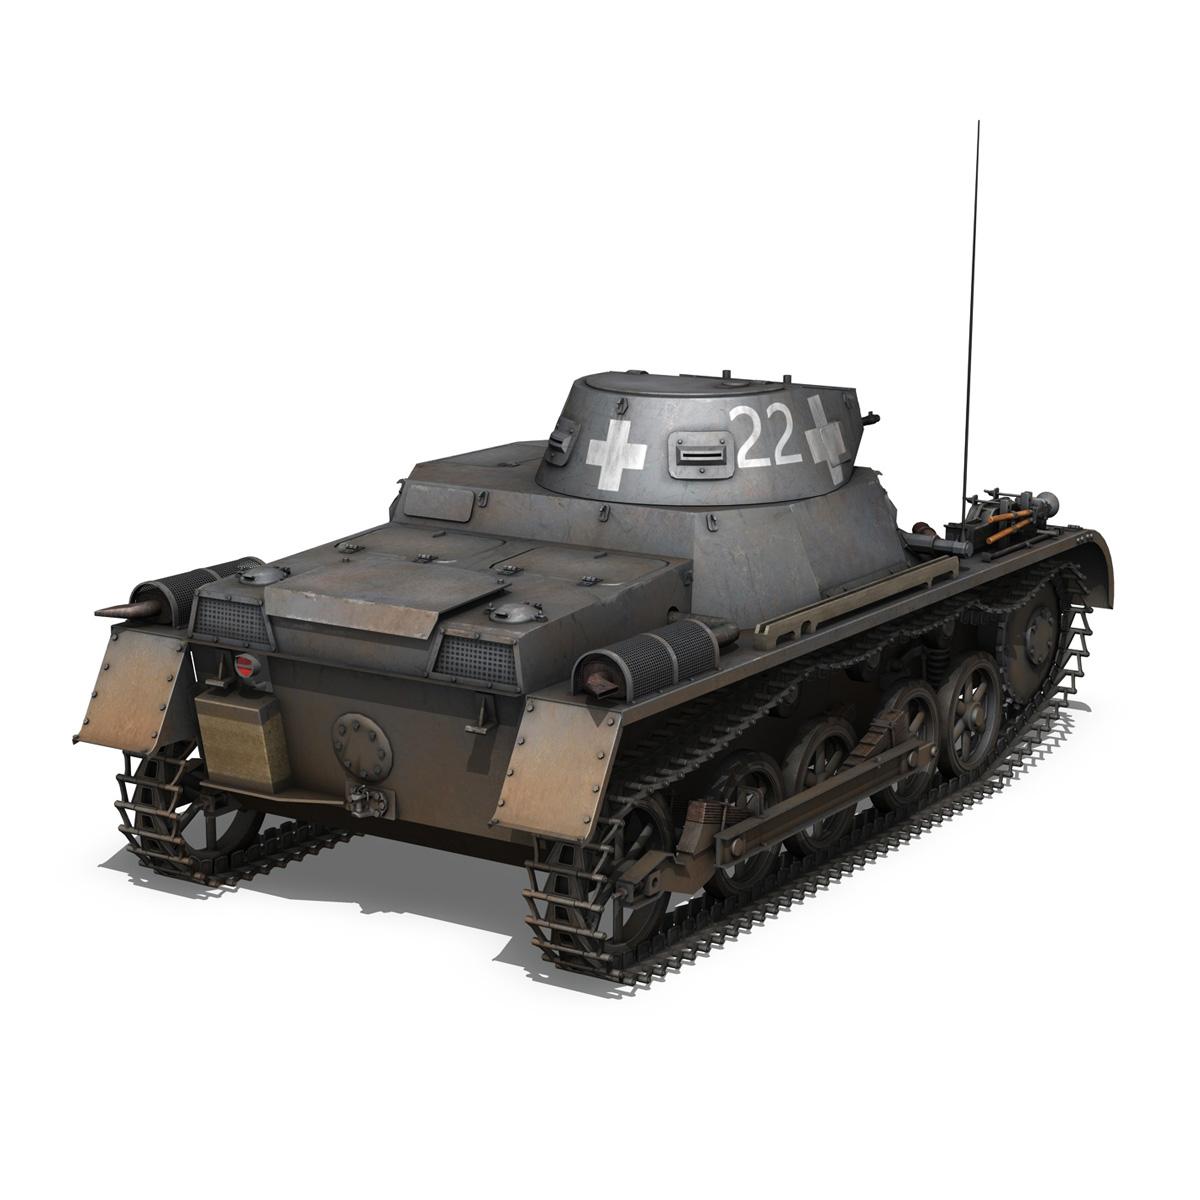 pzkpfw 1 – panzer 1 – ausf. a – 22 3d model 3ds fbx c4d lwo obj 186930